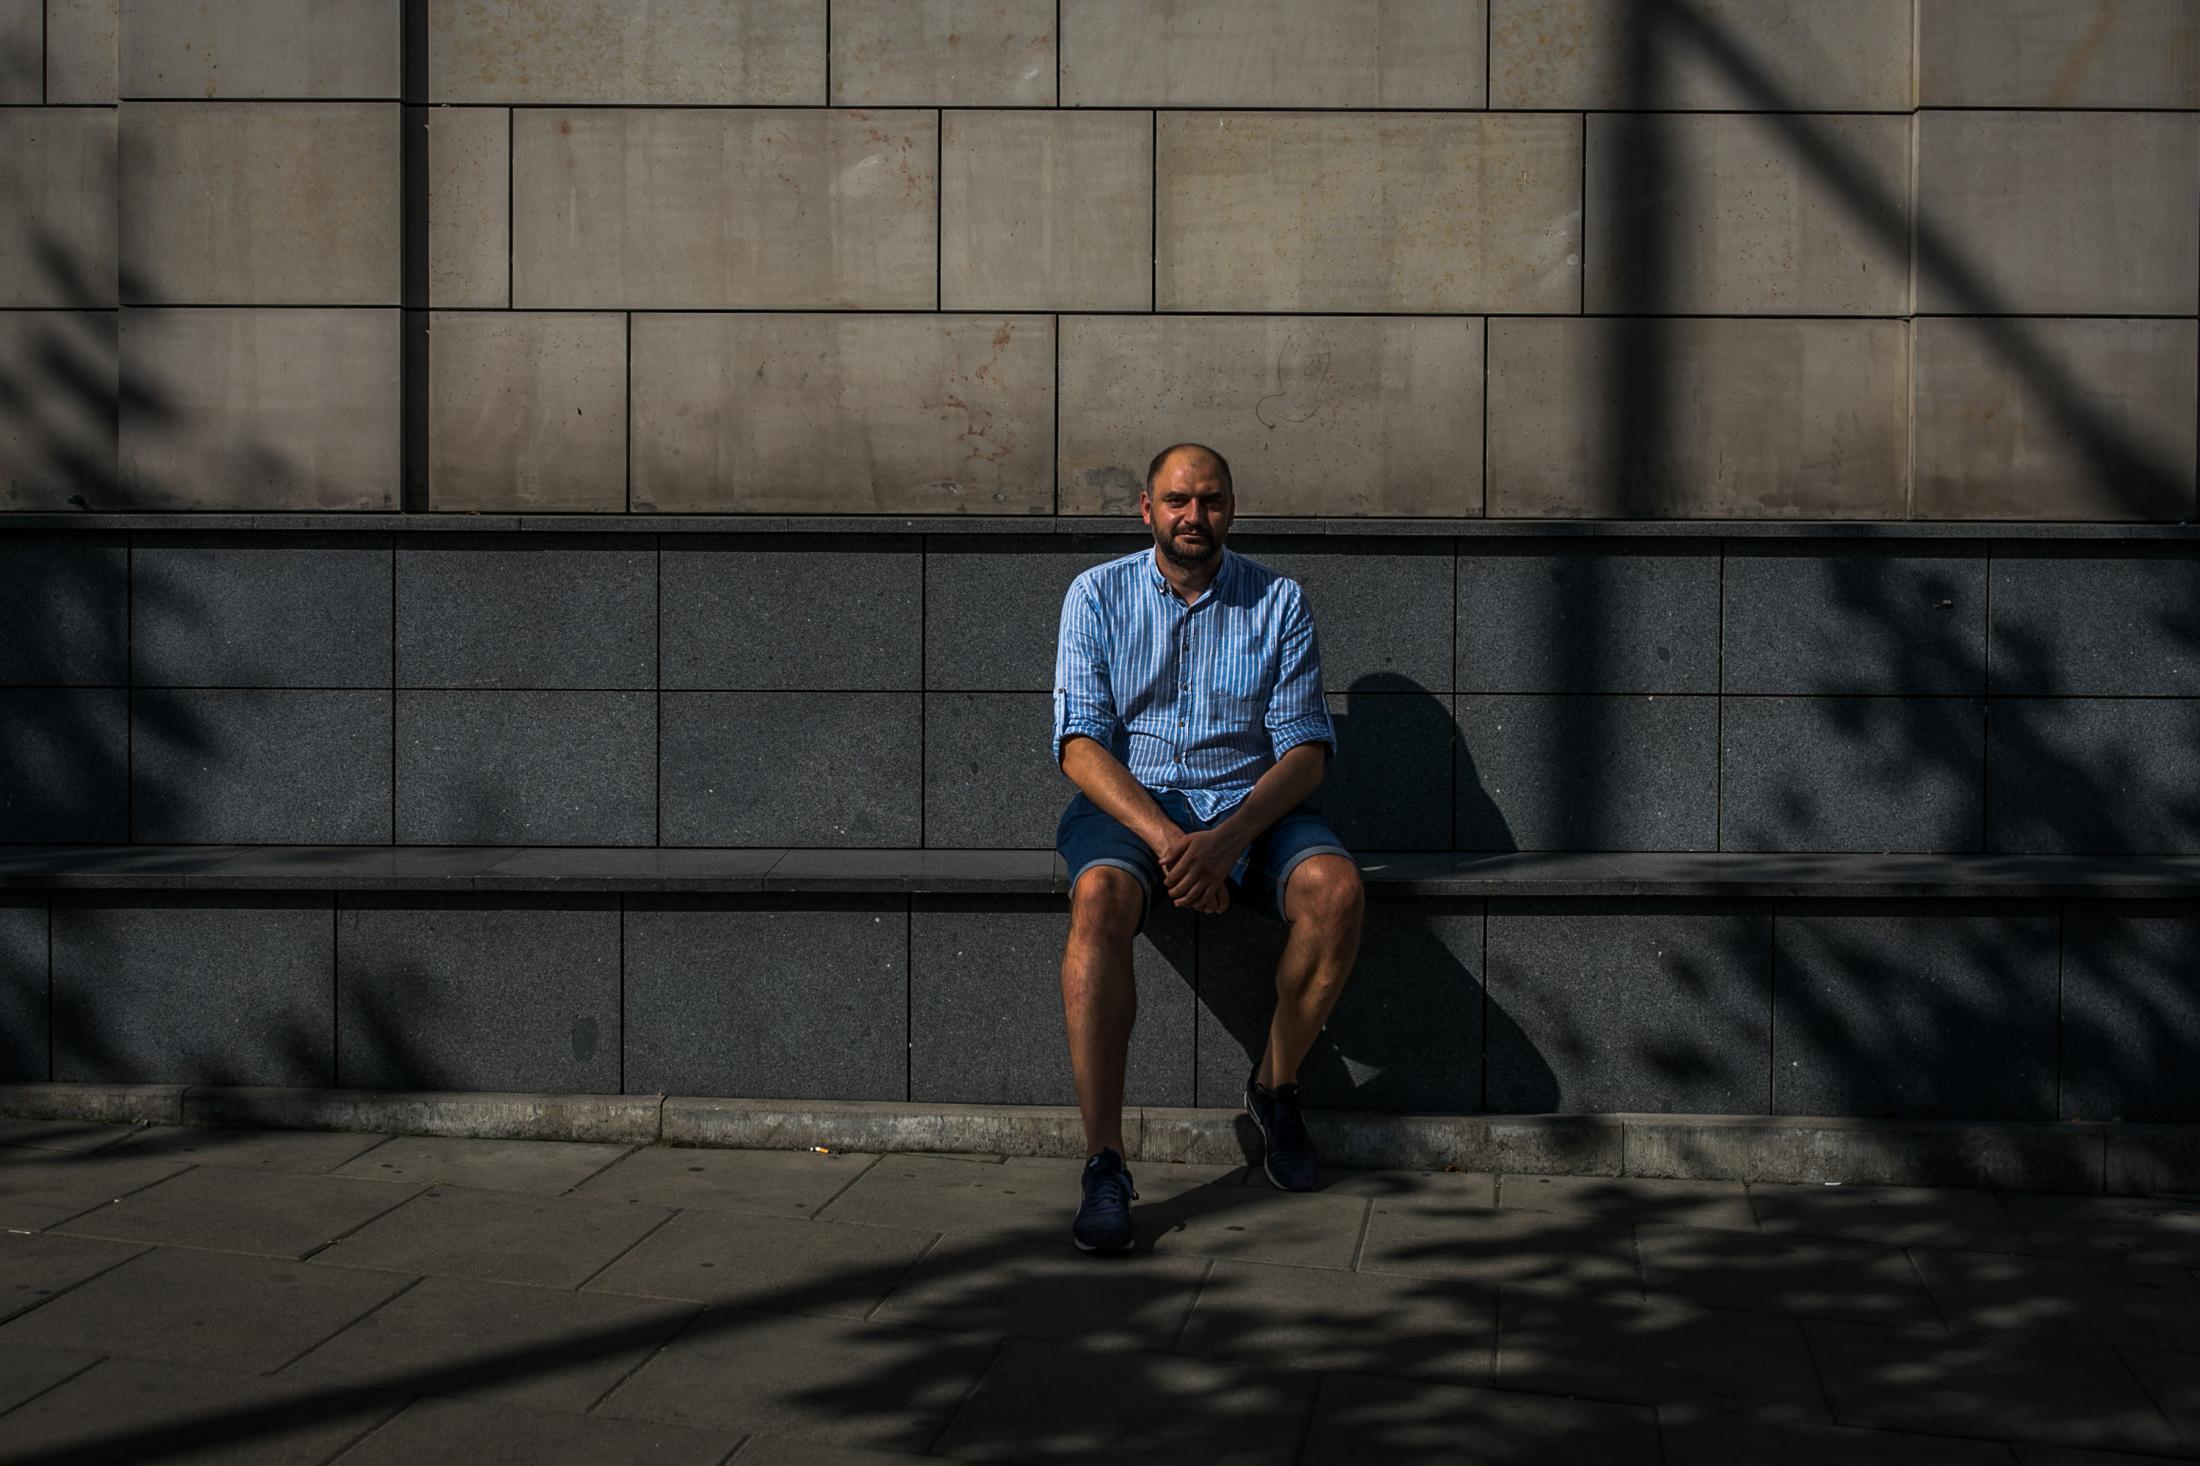 Aliaksandr Atroshchankau, a former Zubr activist who estimates he was arrested 50 times before he left Belarus. Warsaw, Poland.